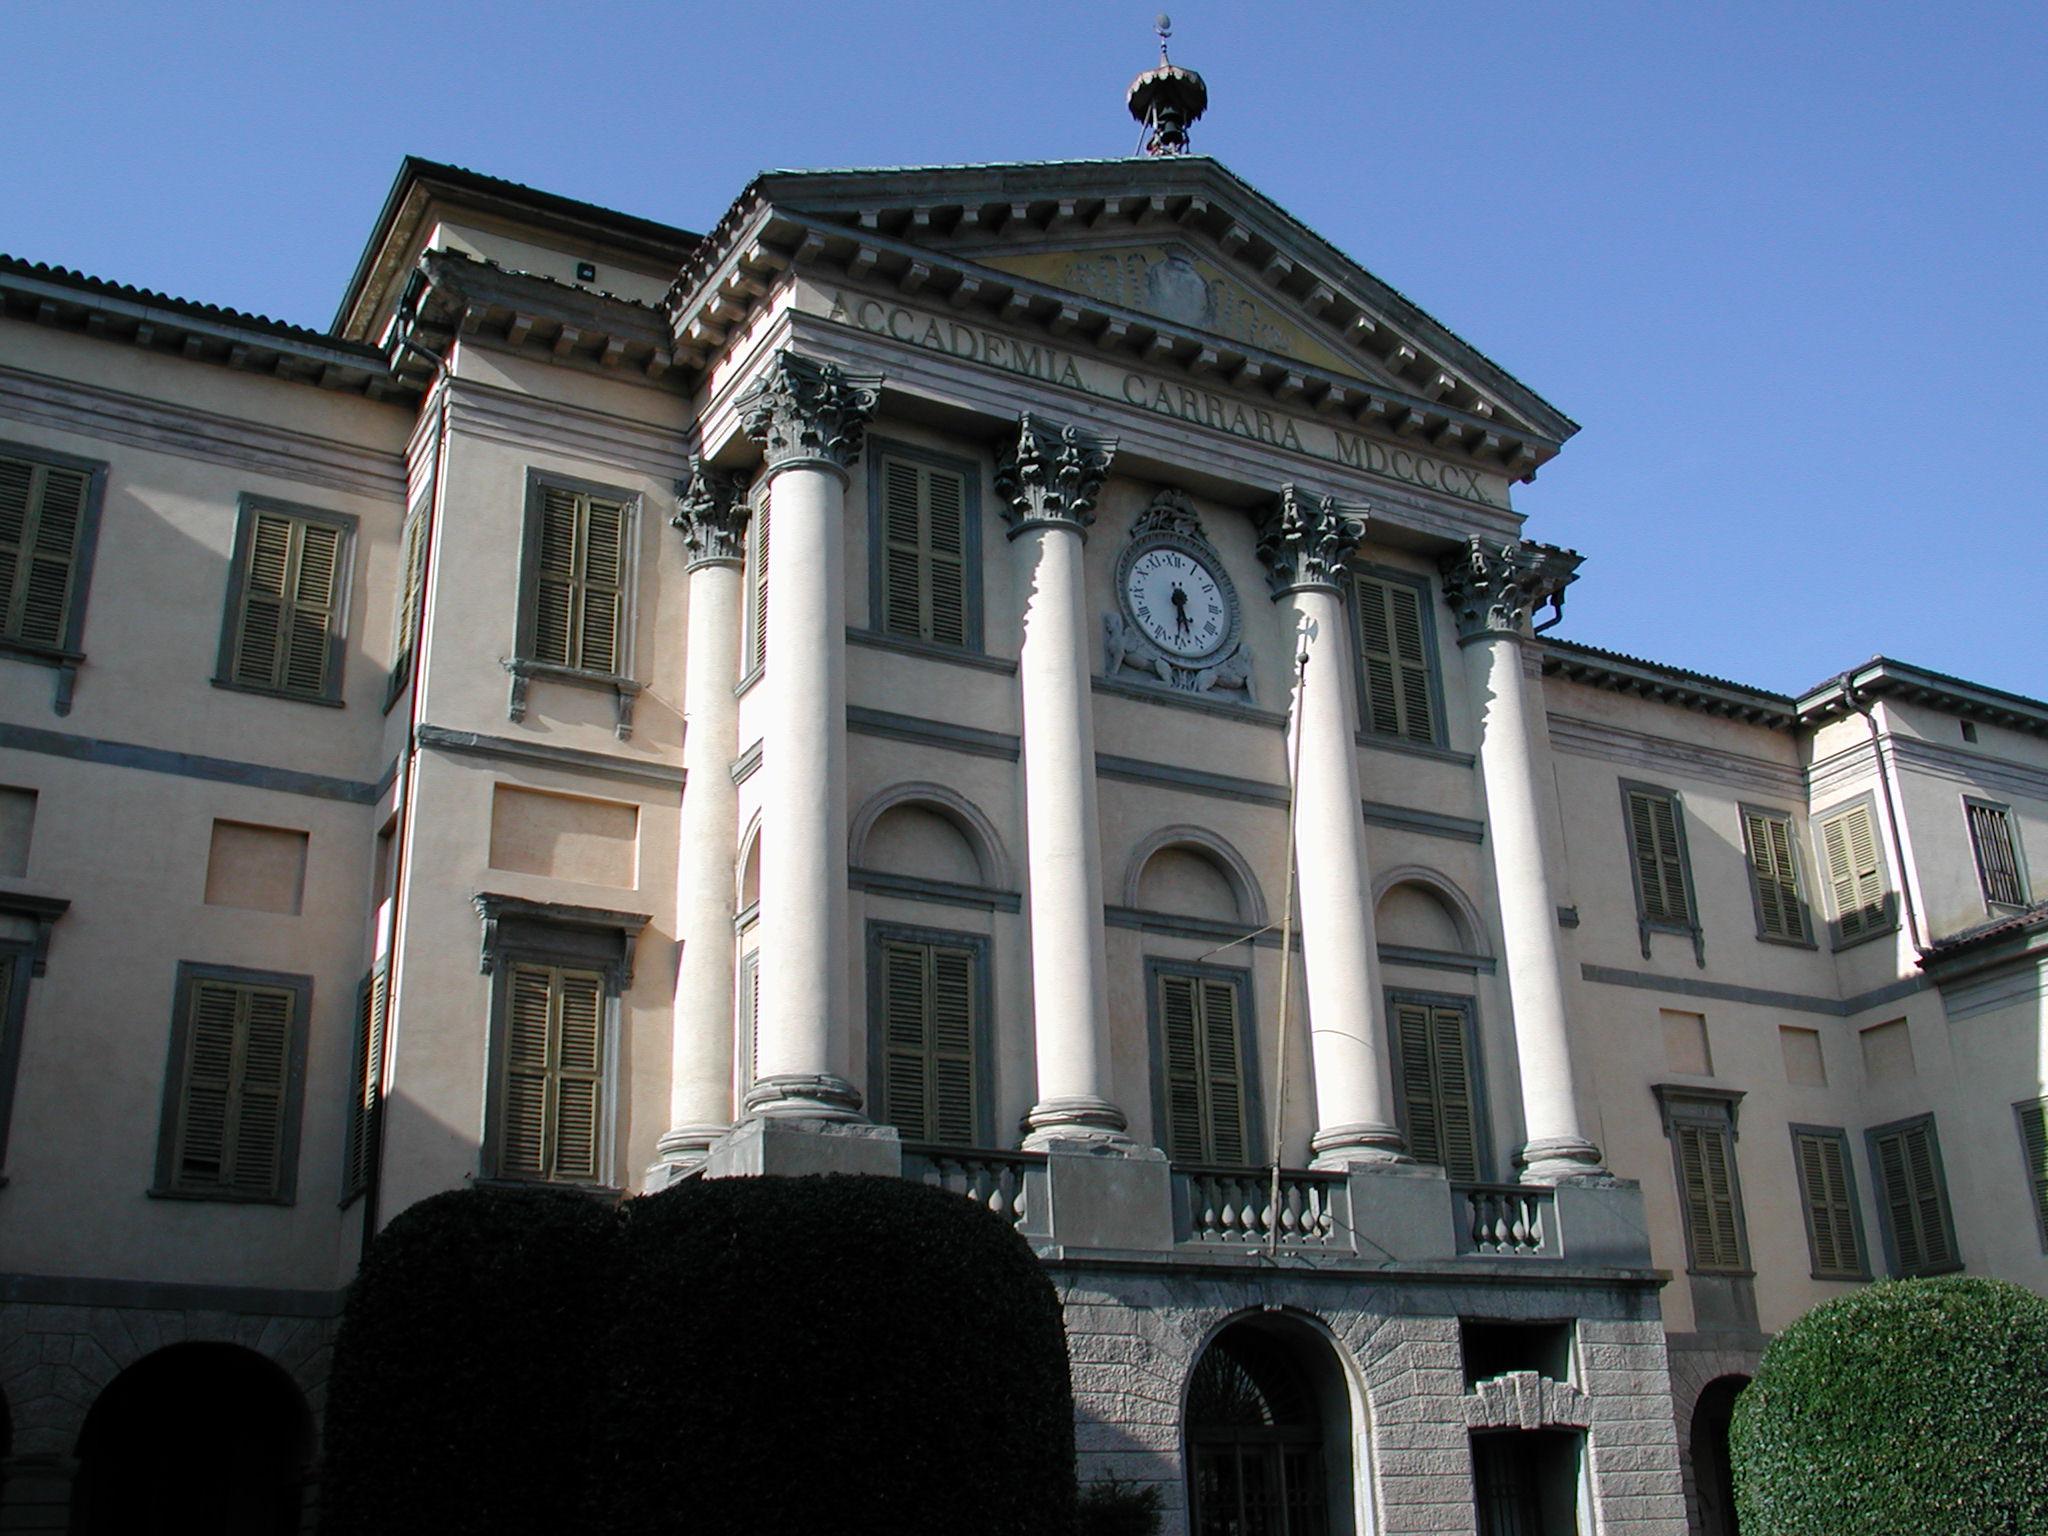 Accademia for Galleria carrara bergamo